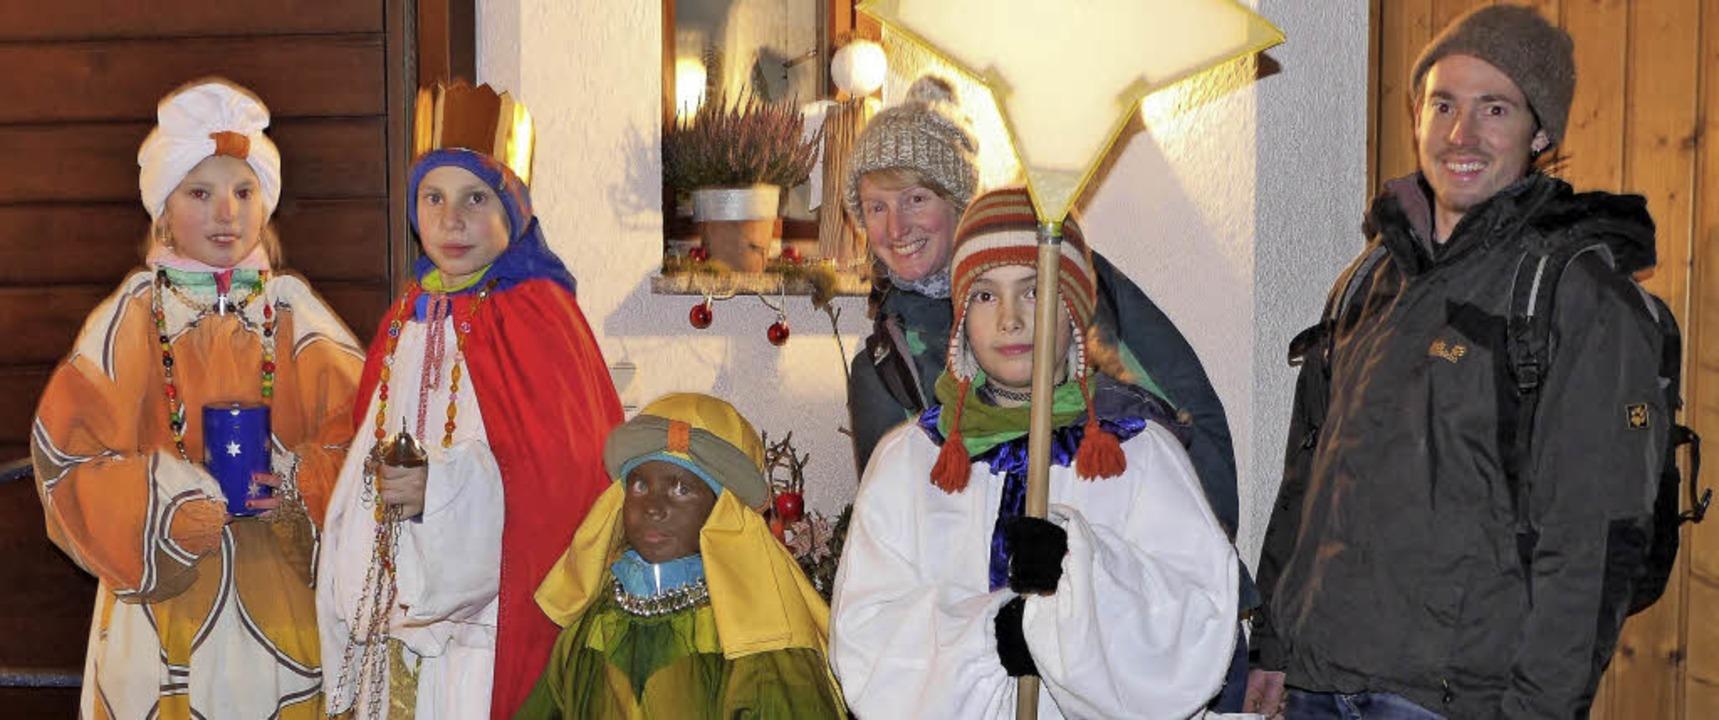 Die Sternsinger der Gruppe Saskia und ...en in der Kernstadt Wehr unterwegs.     | Foto: Hansjörg Bader